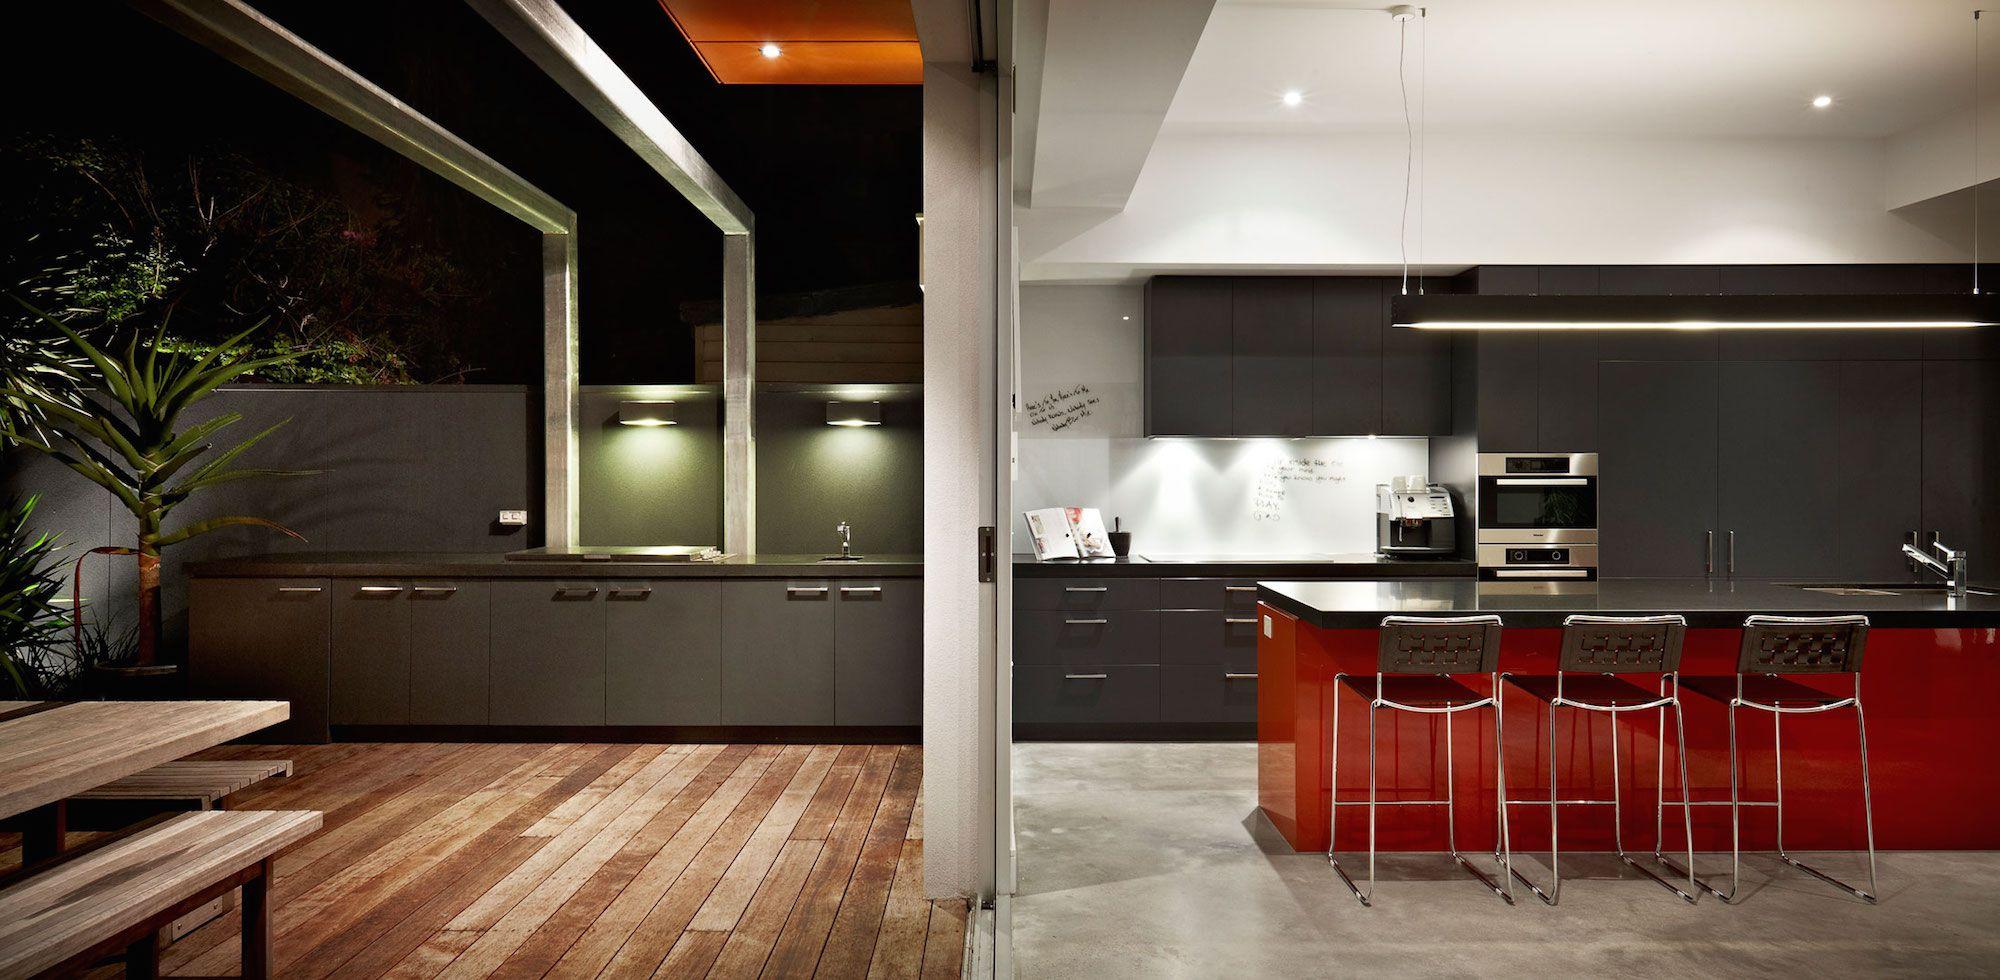 Dise o de casa moderna de dos plantas planos for Vistas de cocinas